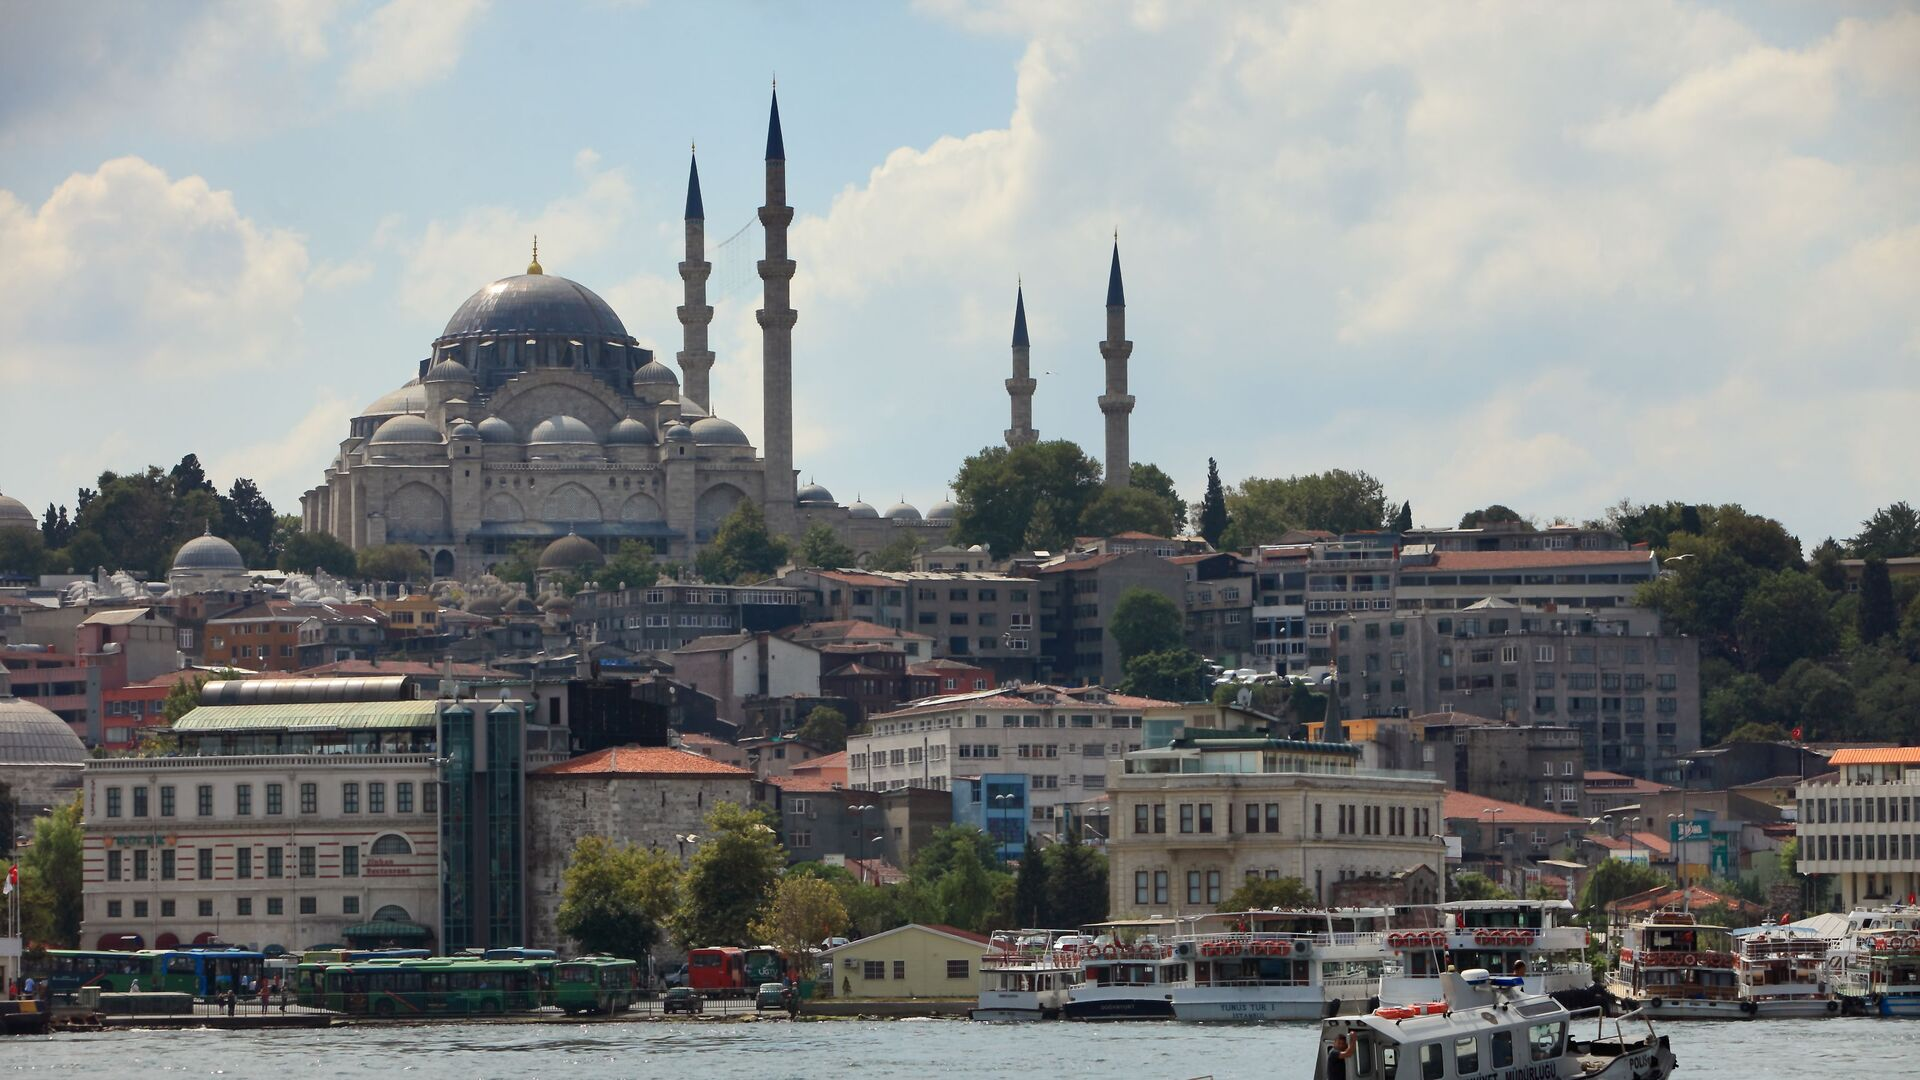 Вид на Голубую мечеть через пролив Босфор в Стамбуле, Турция - Sputnik Грузия, 1920, 02.06.2021